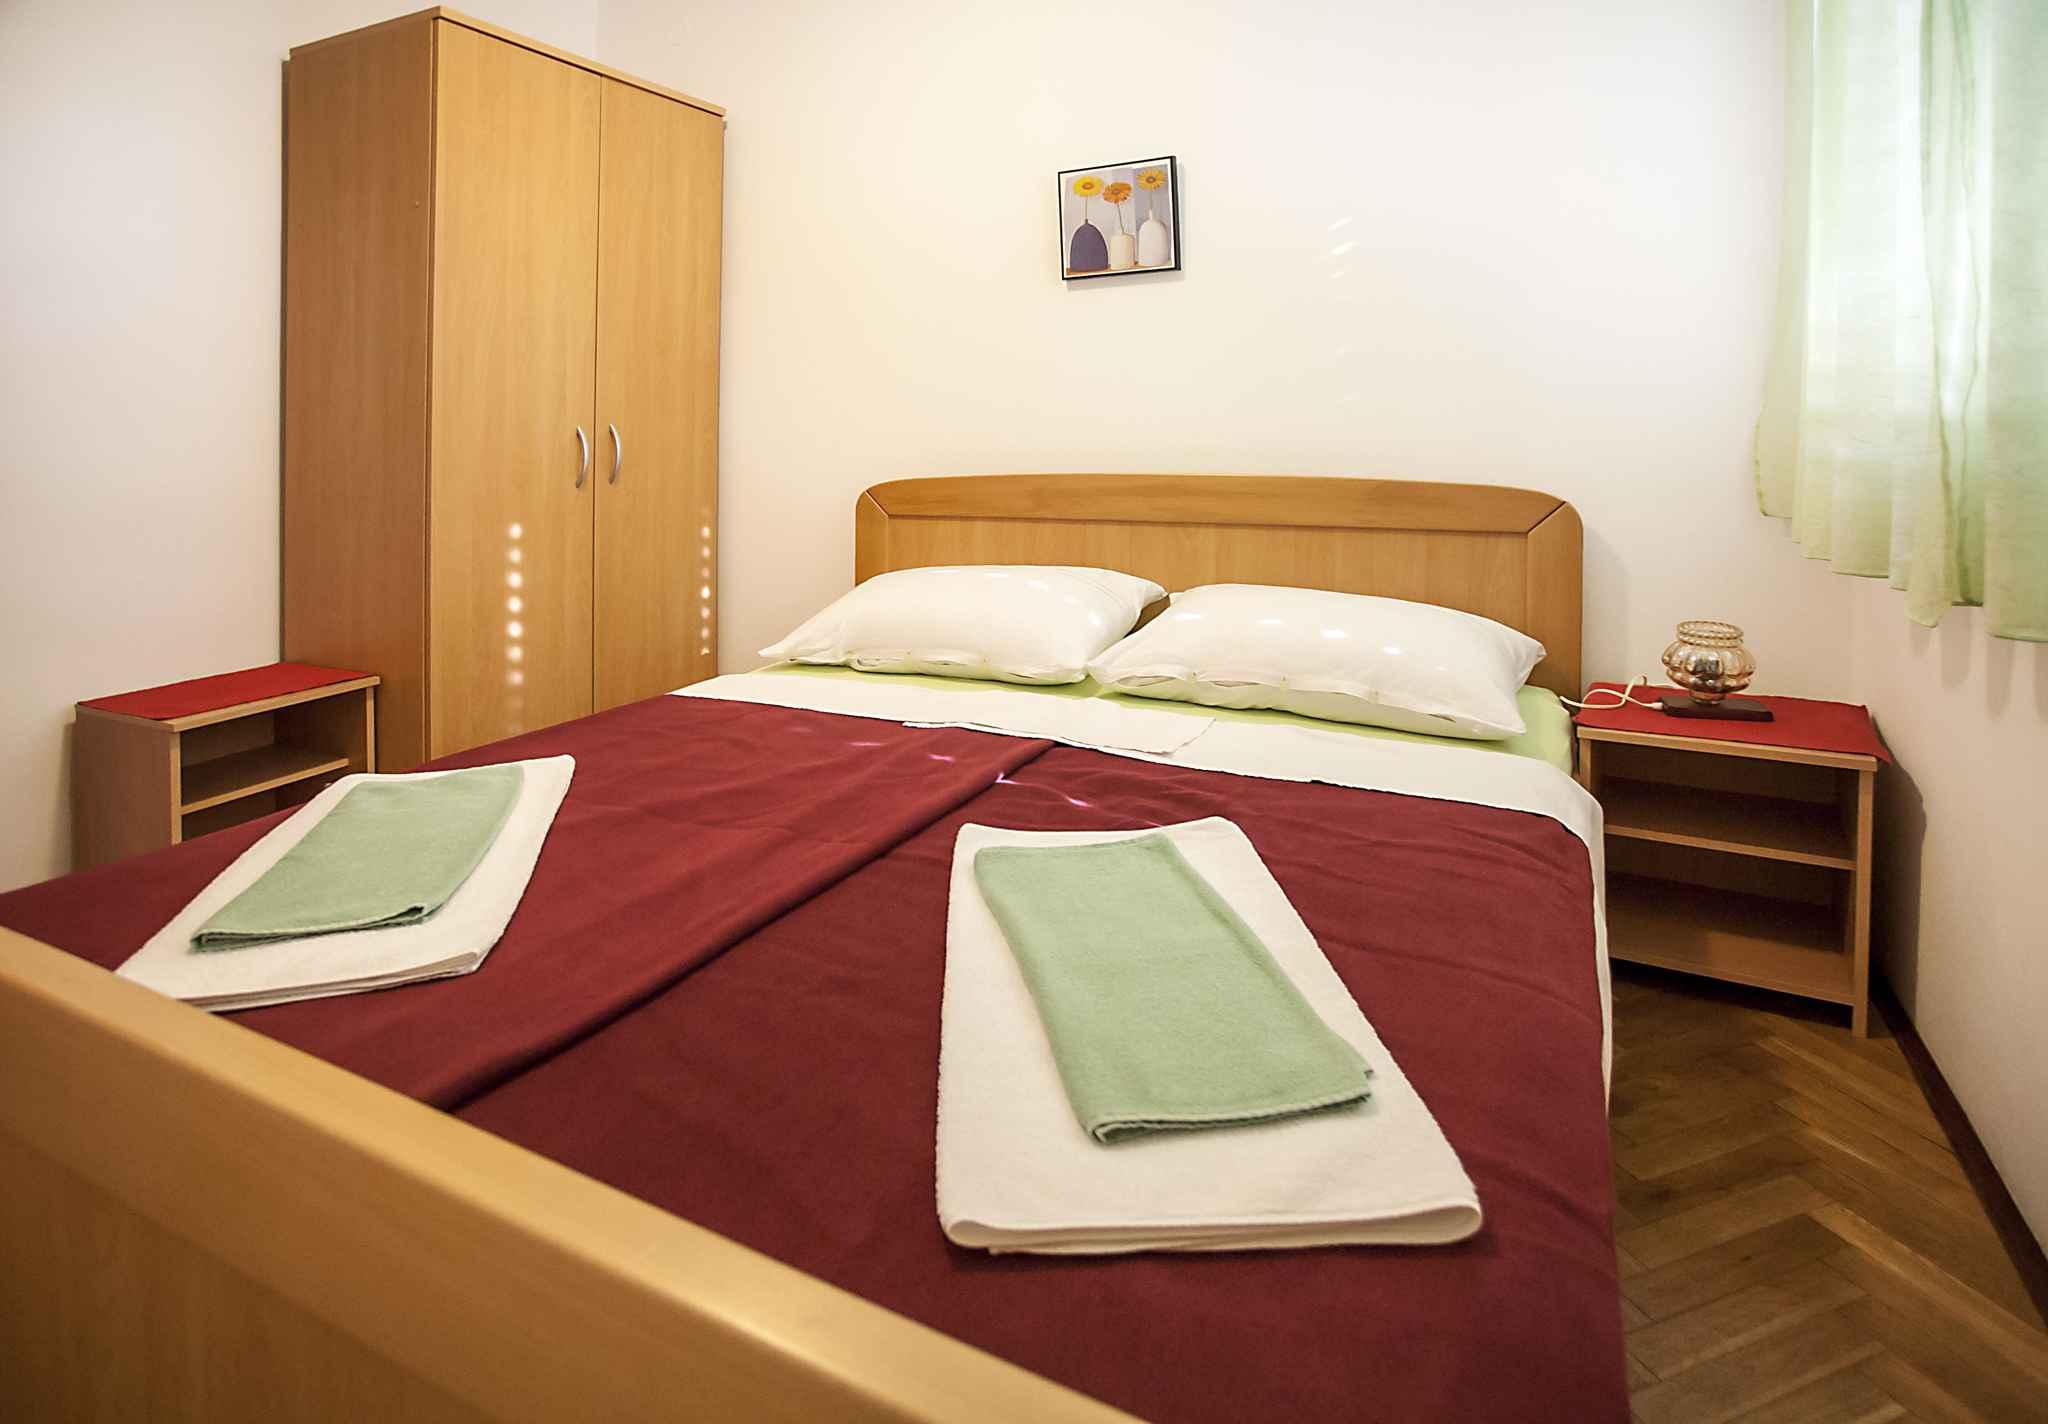 Ferienwohnung u centru (280994), Rovinj, , Istrien, Kroatien, Bild 16